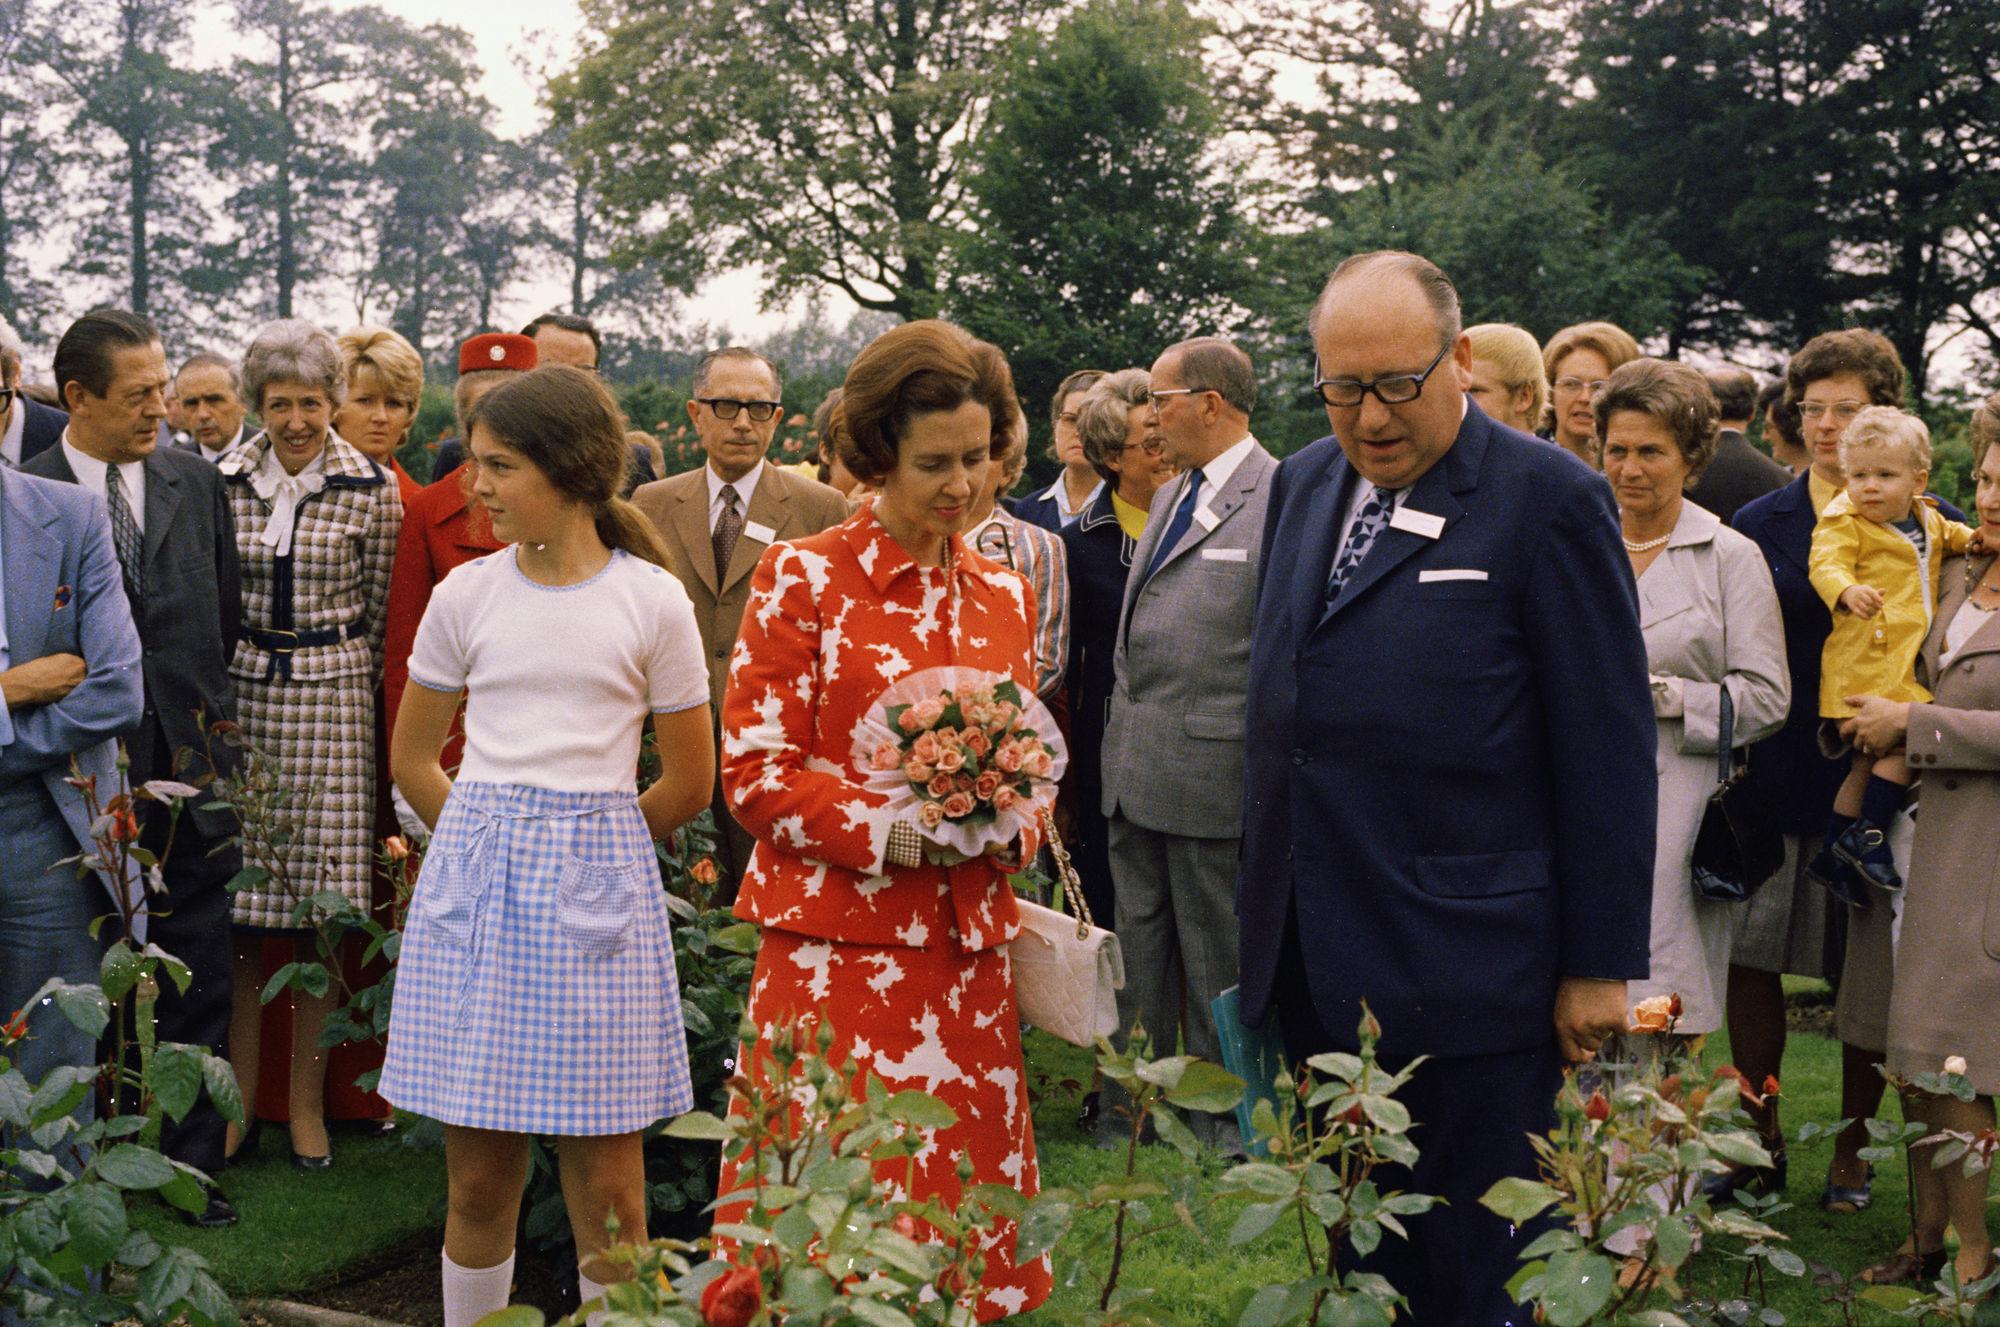 Bezoek van koningin Fabiola aan de rozentuin